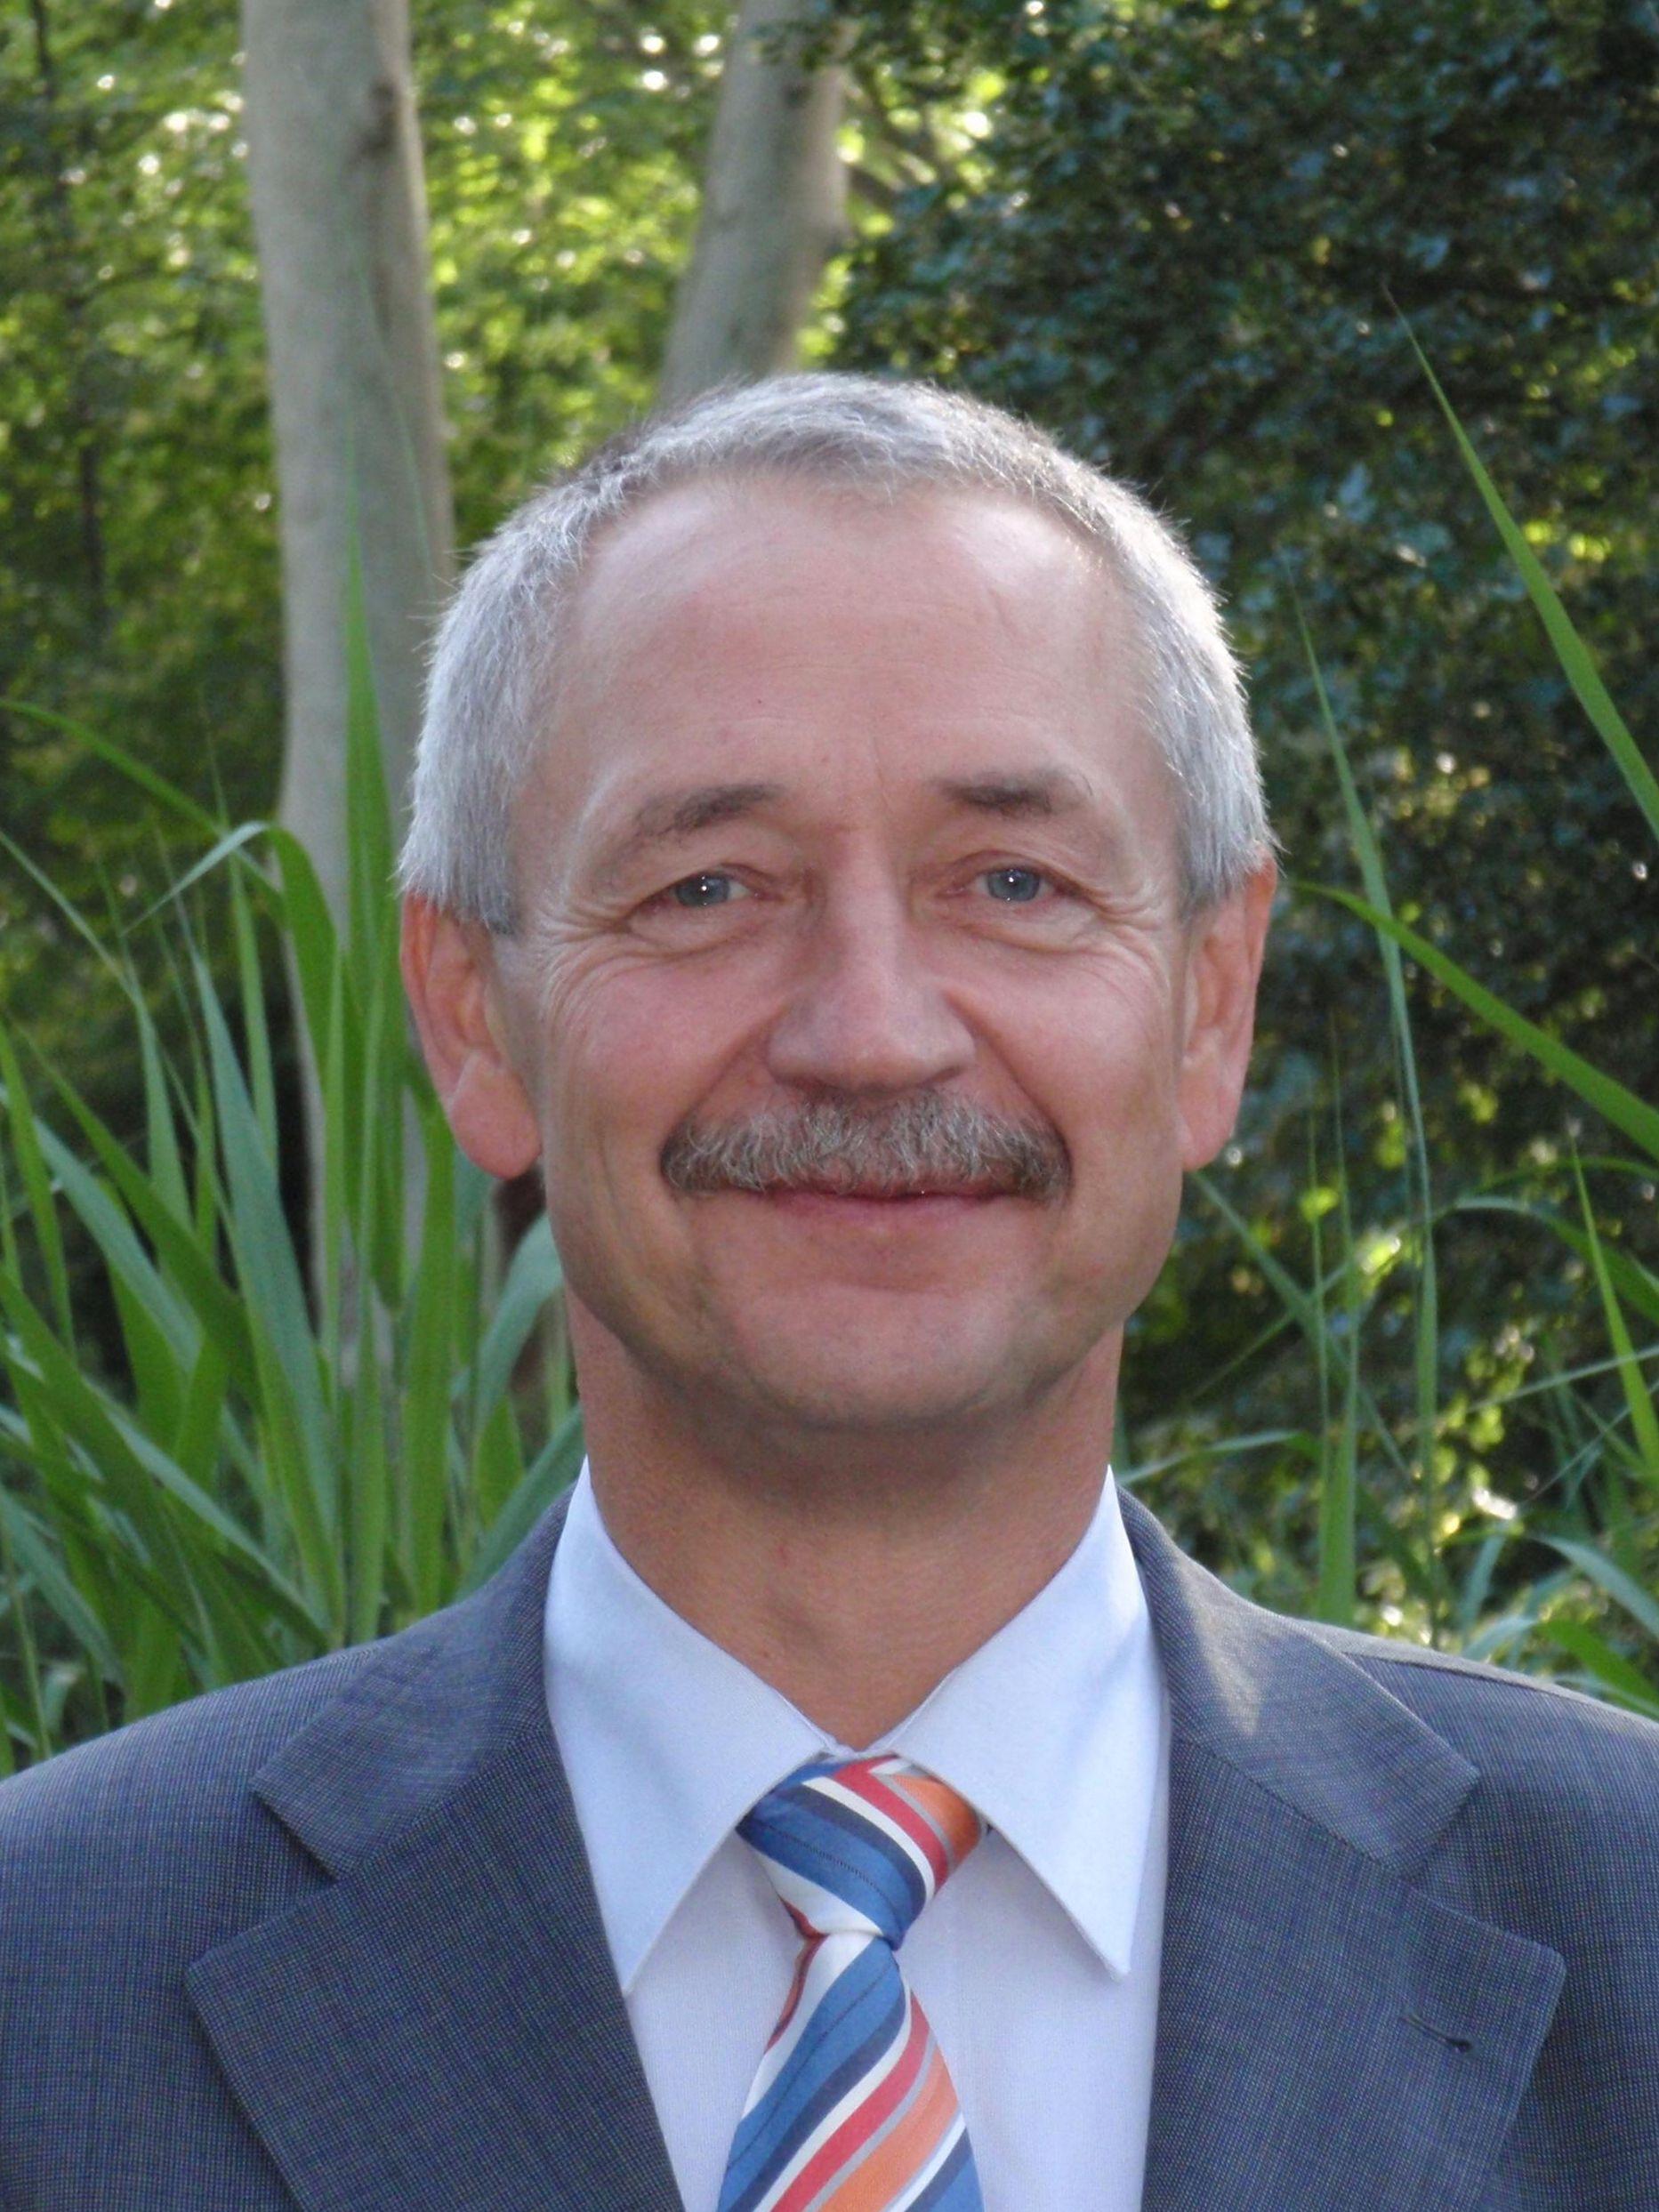 Nikolaus Nessel ist Schwerbehindertenbeauftragter bei der BASF. Er lächelt in die Kamera.